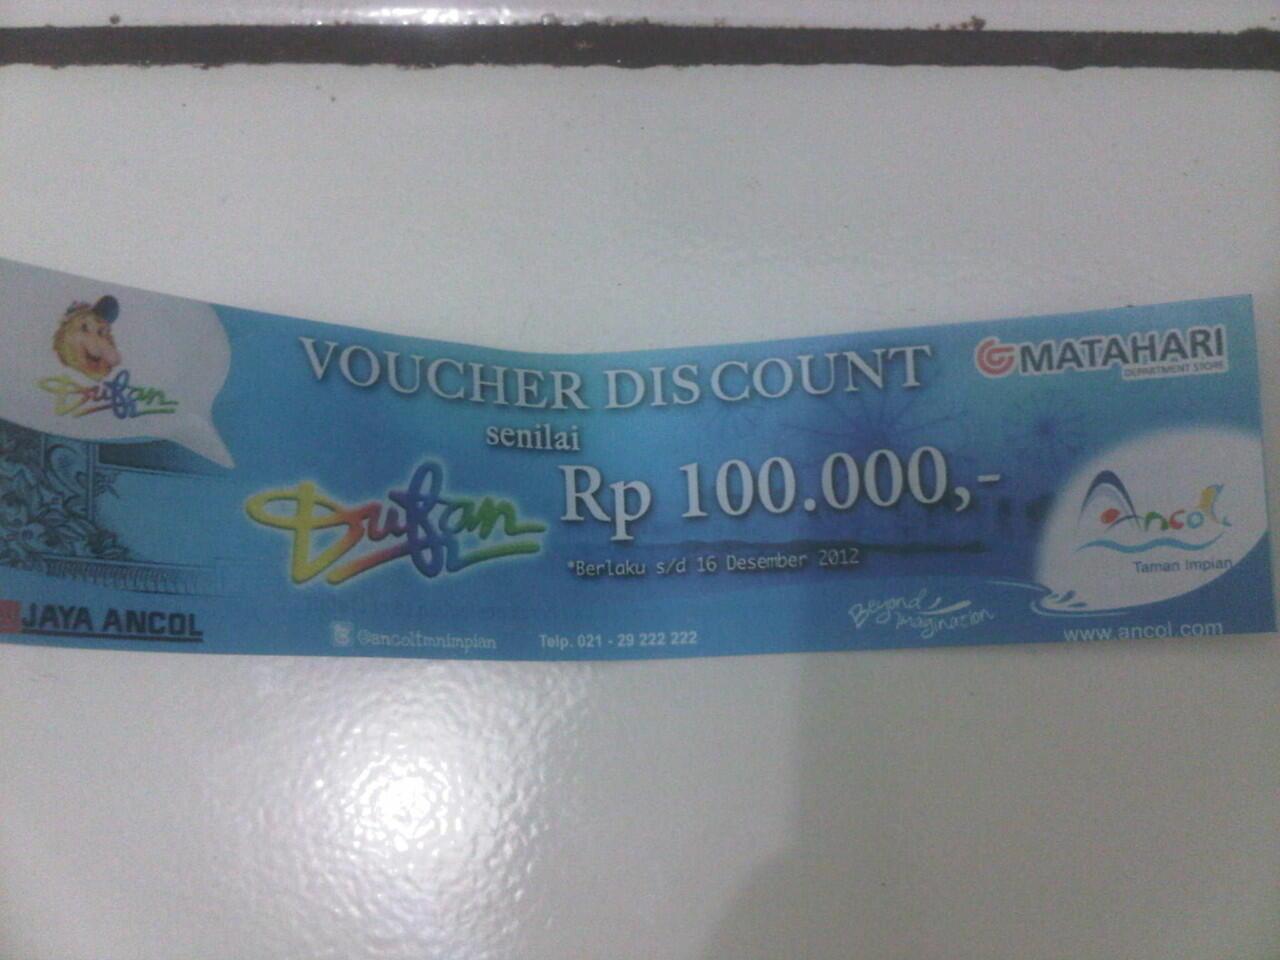 Jual Voucher Discount Dufan 100.000 seharga 50.000